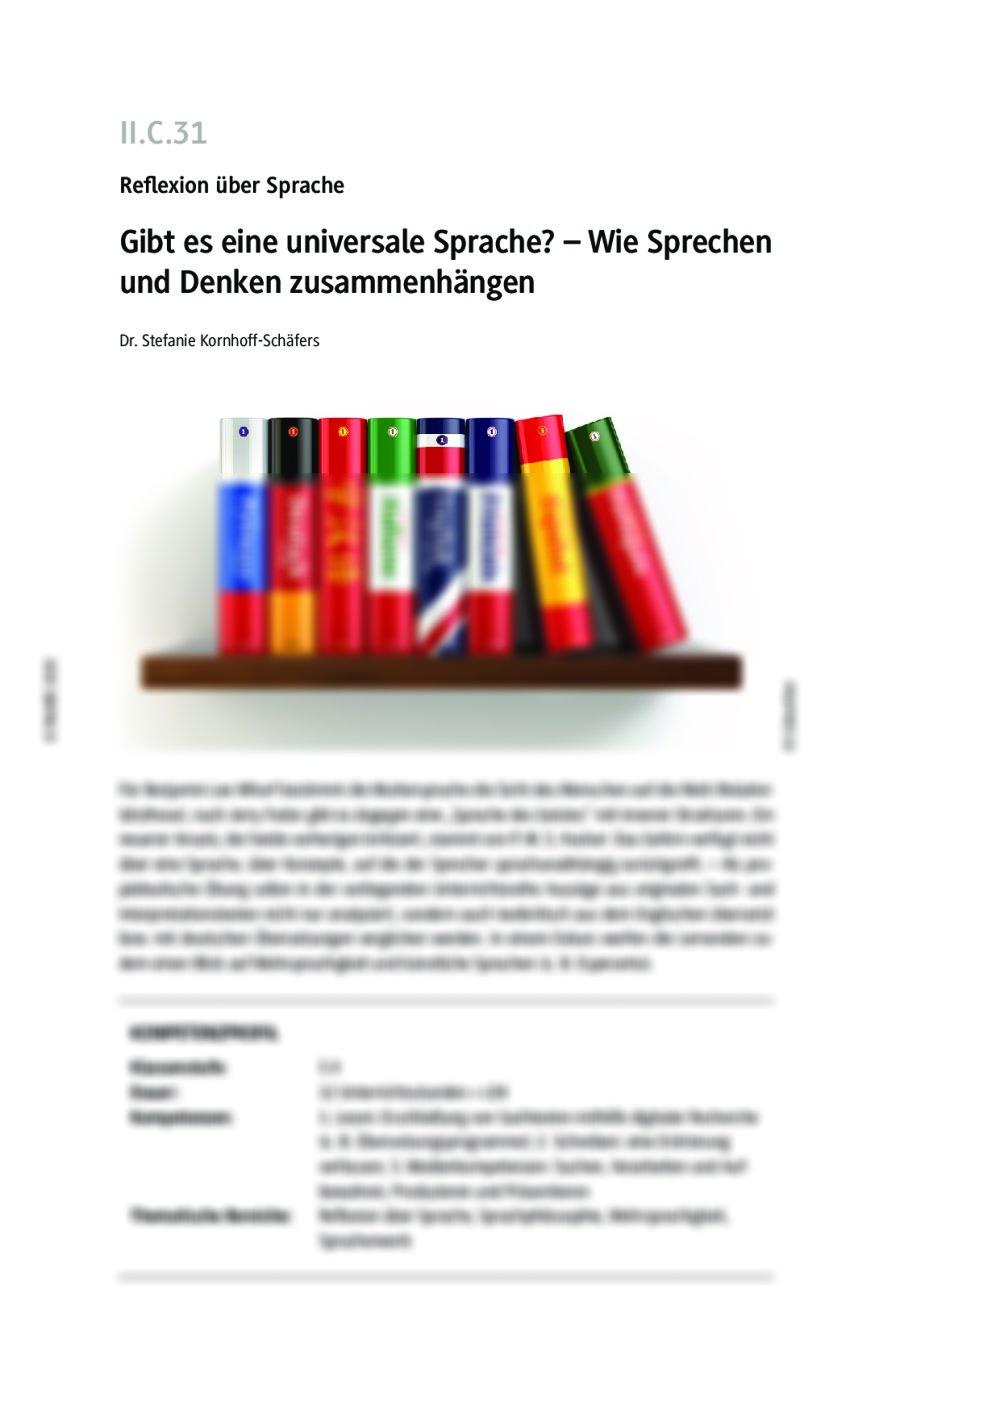 Gibt es eine universale Sprache? - Seite 1